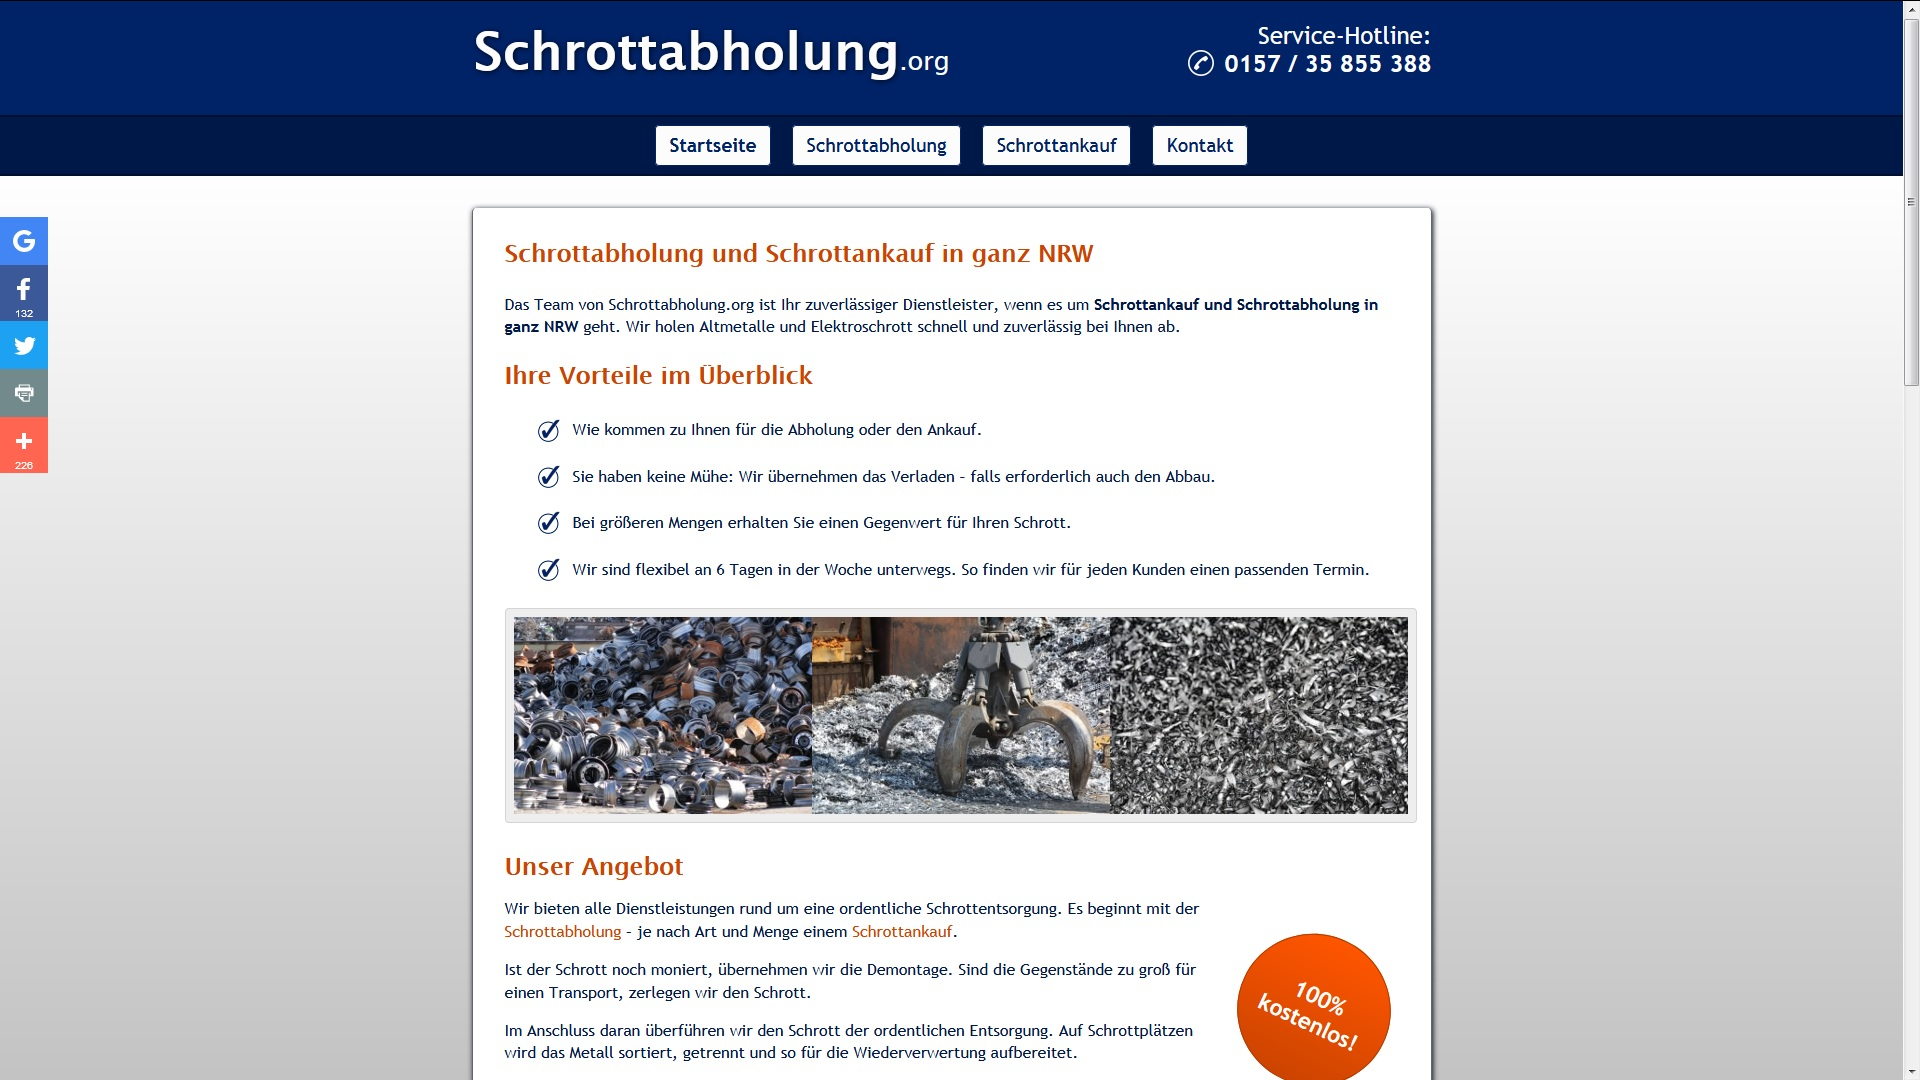 Kostenlose Schrottabholung in NRW